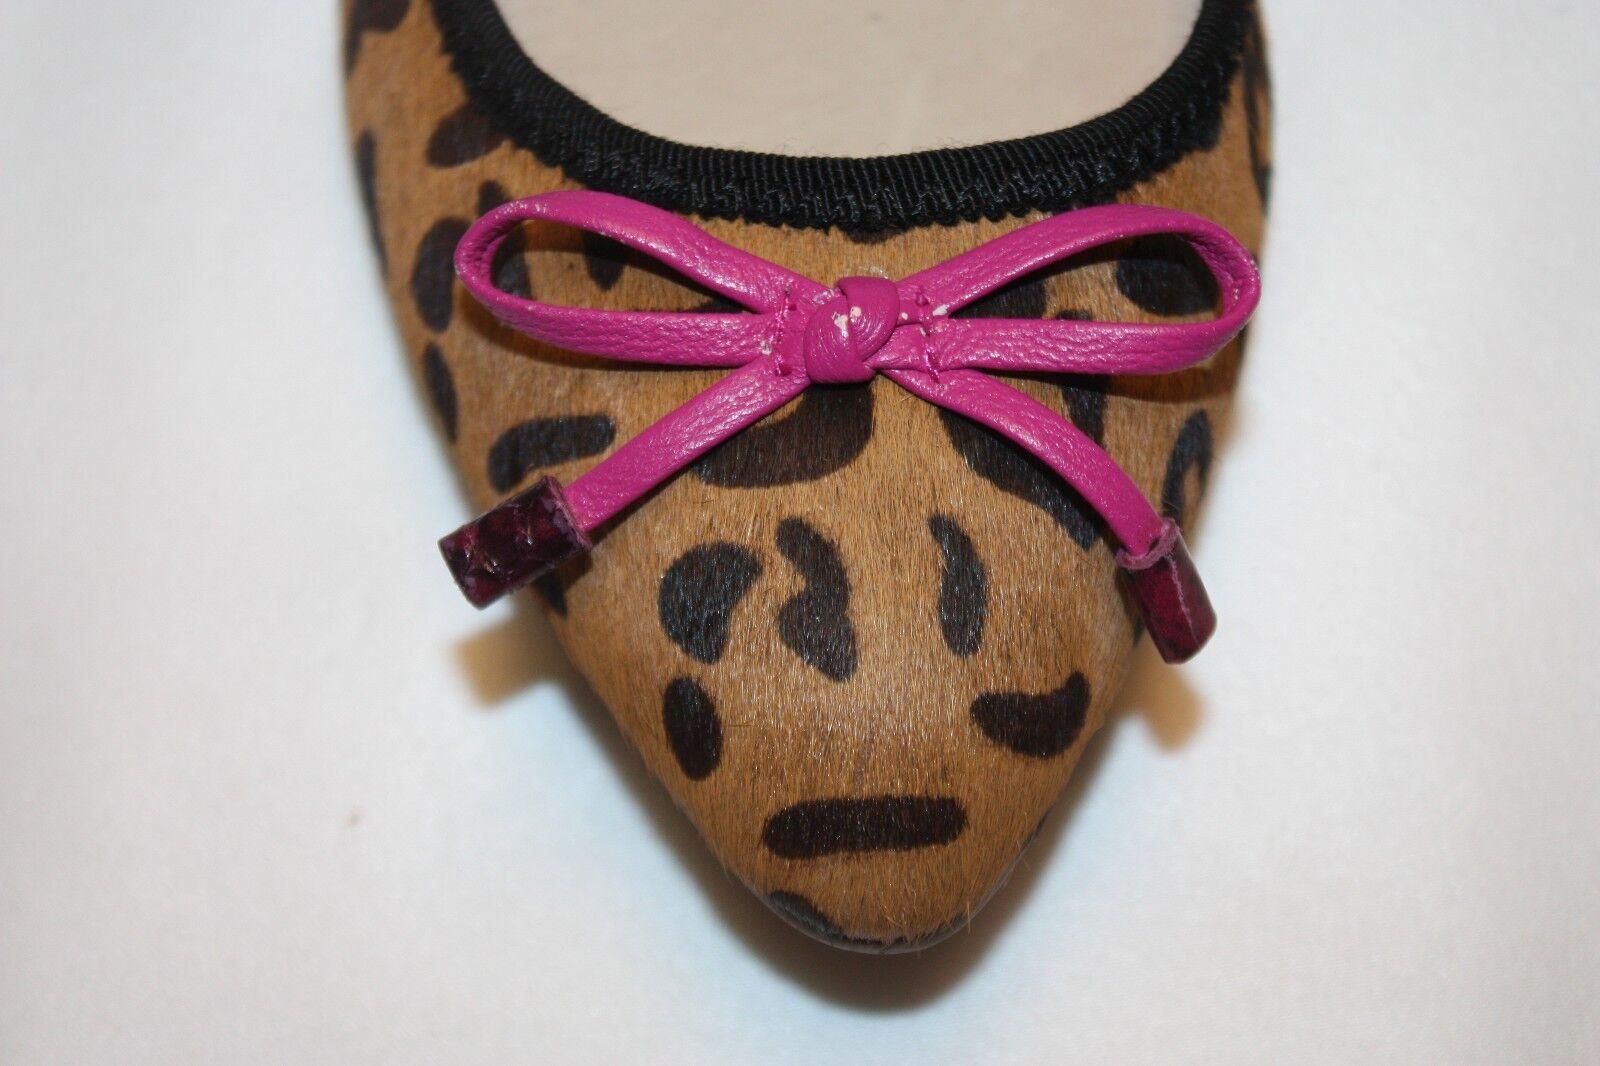 nuevo nuevo en caja Juicy Couture Multi  Cheetah impresión haircalf Scarlett Ballet zapatos  Multi sin Taco Sin a4f901